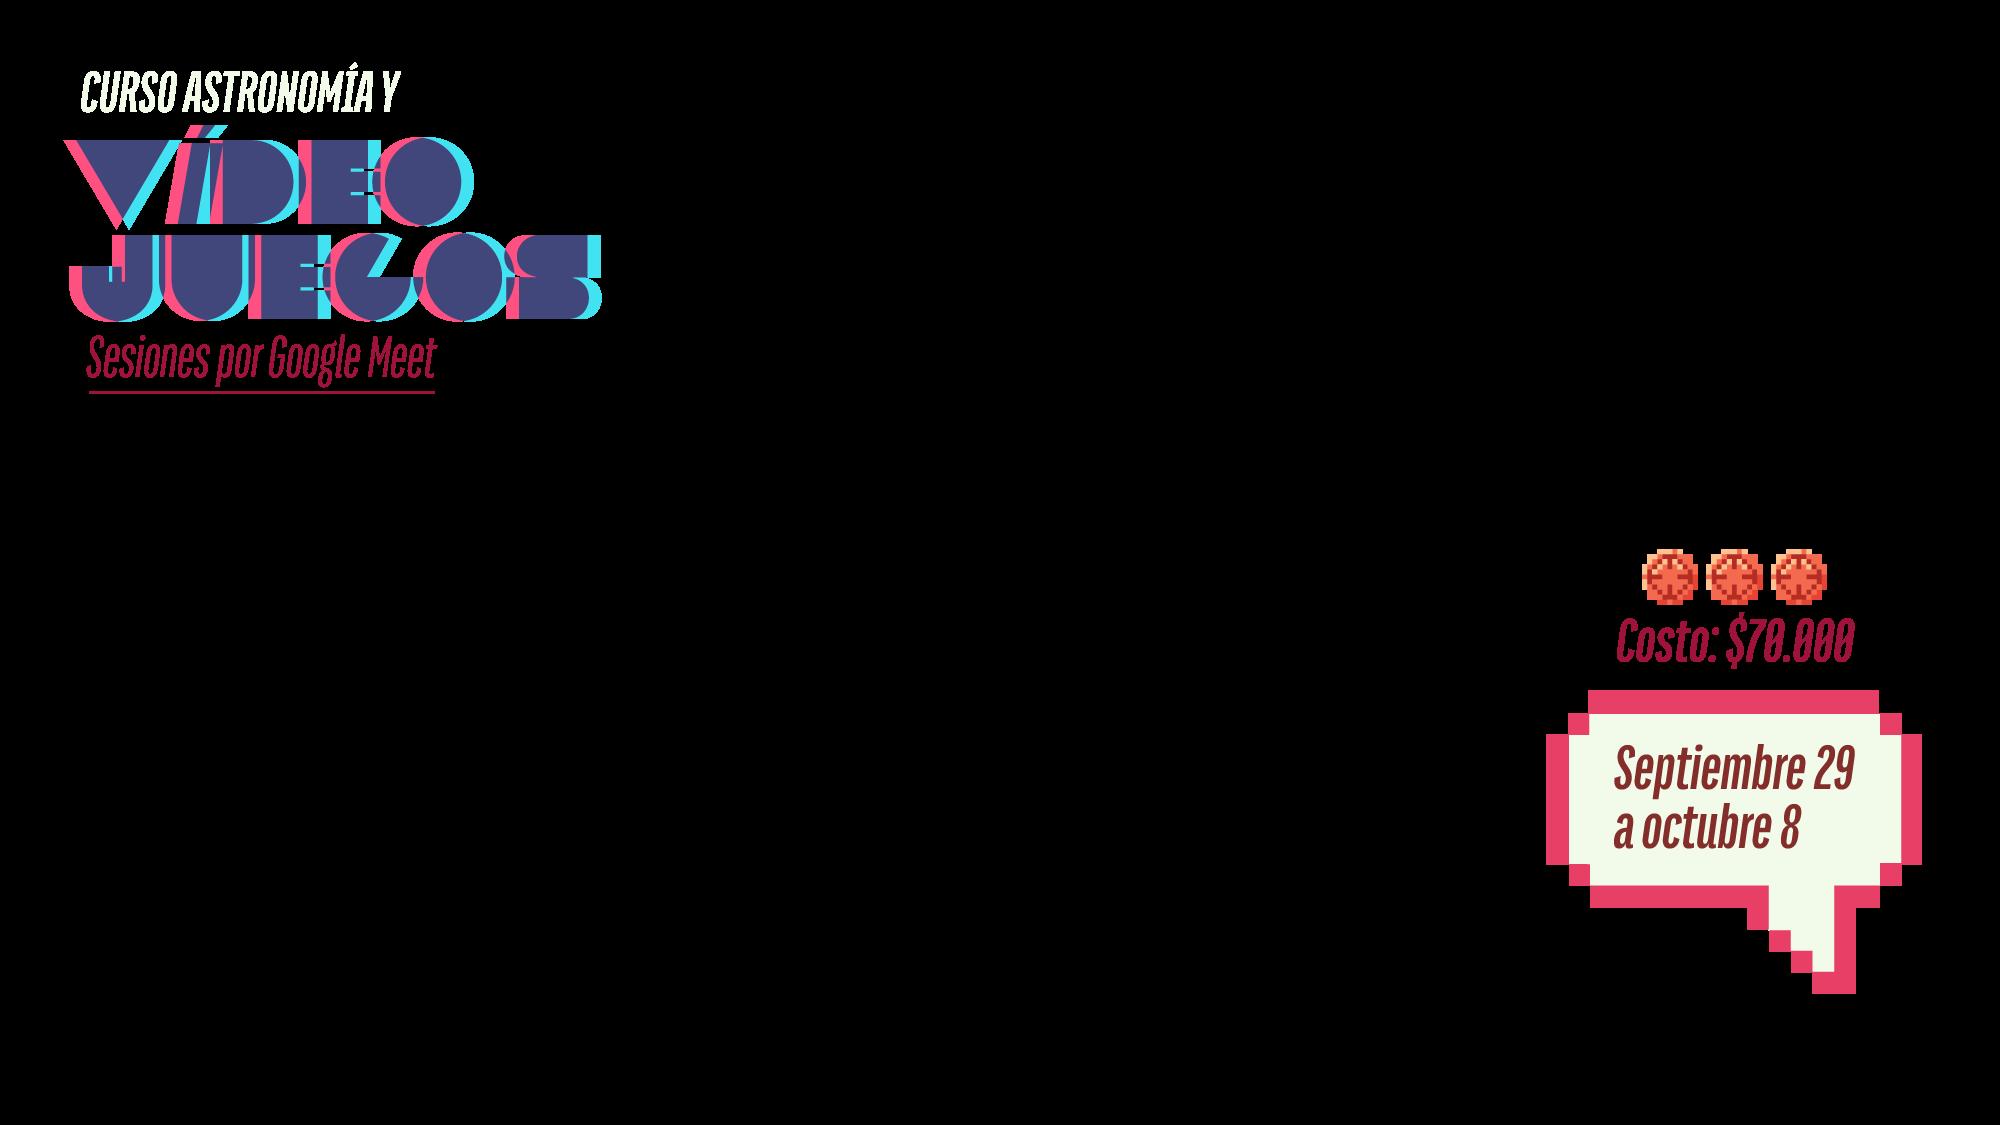 banner-Planetario-curso-astronomía-y-videojuegos-textos.png